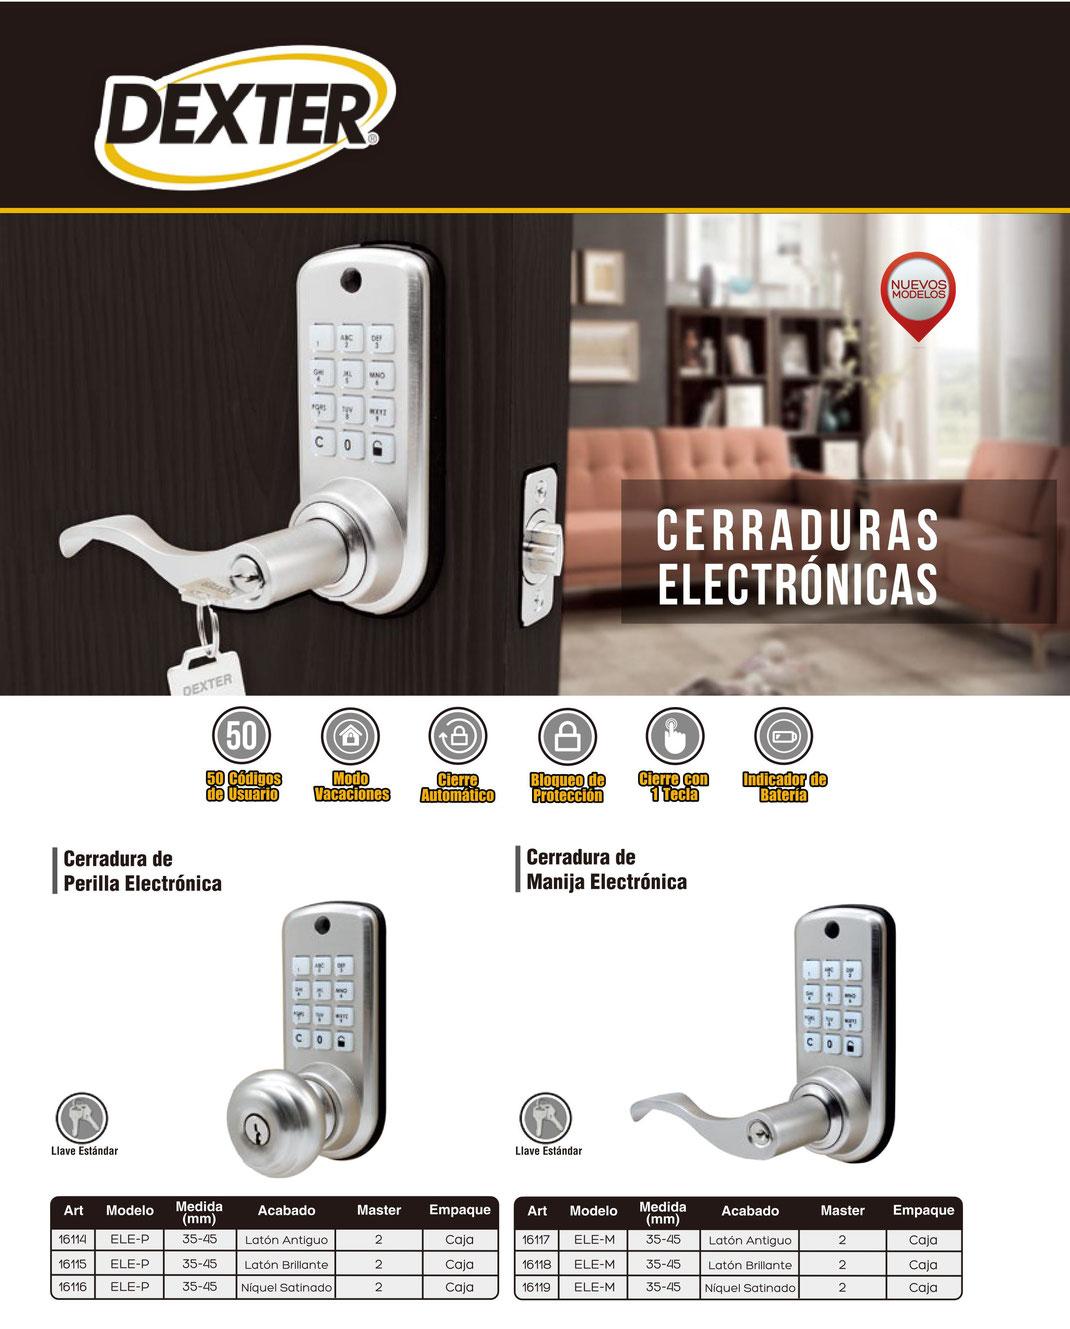 CERRADURAS ELECTRONICAS